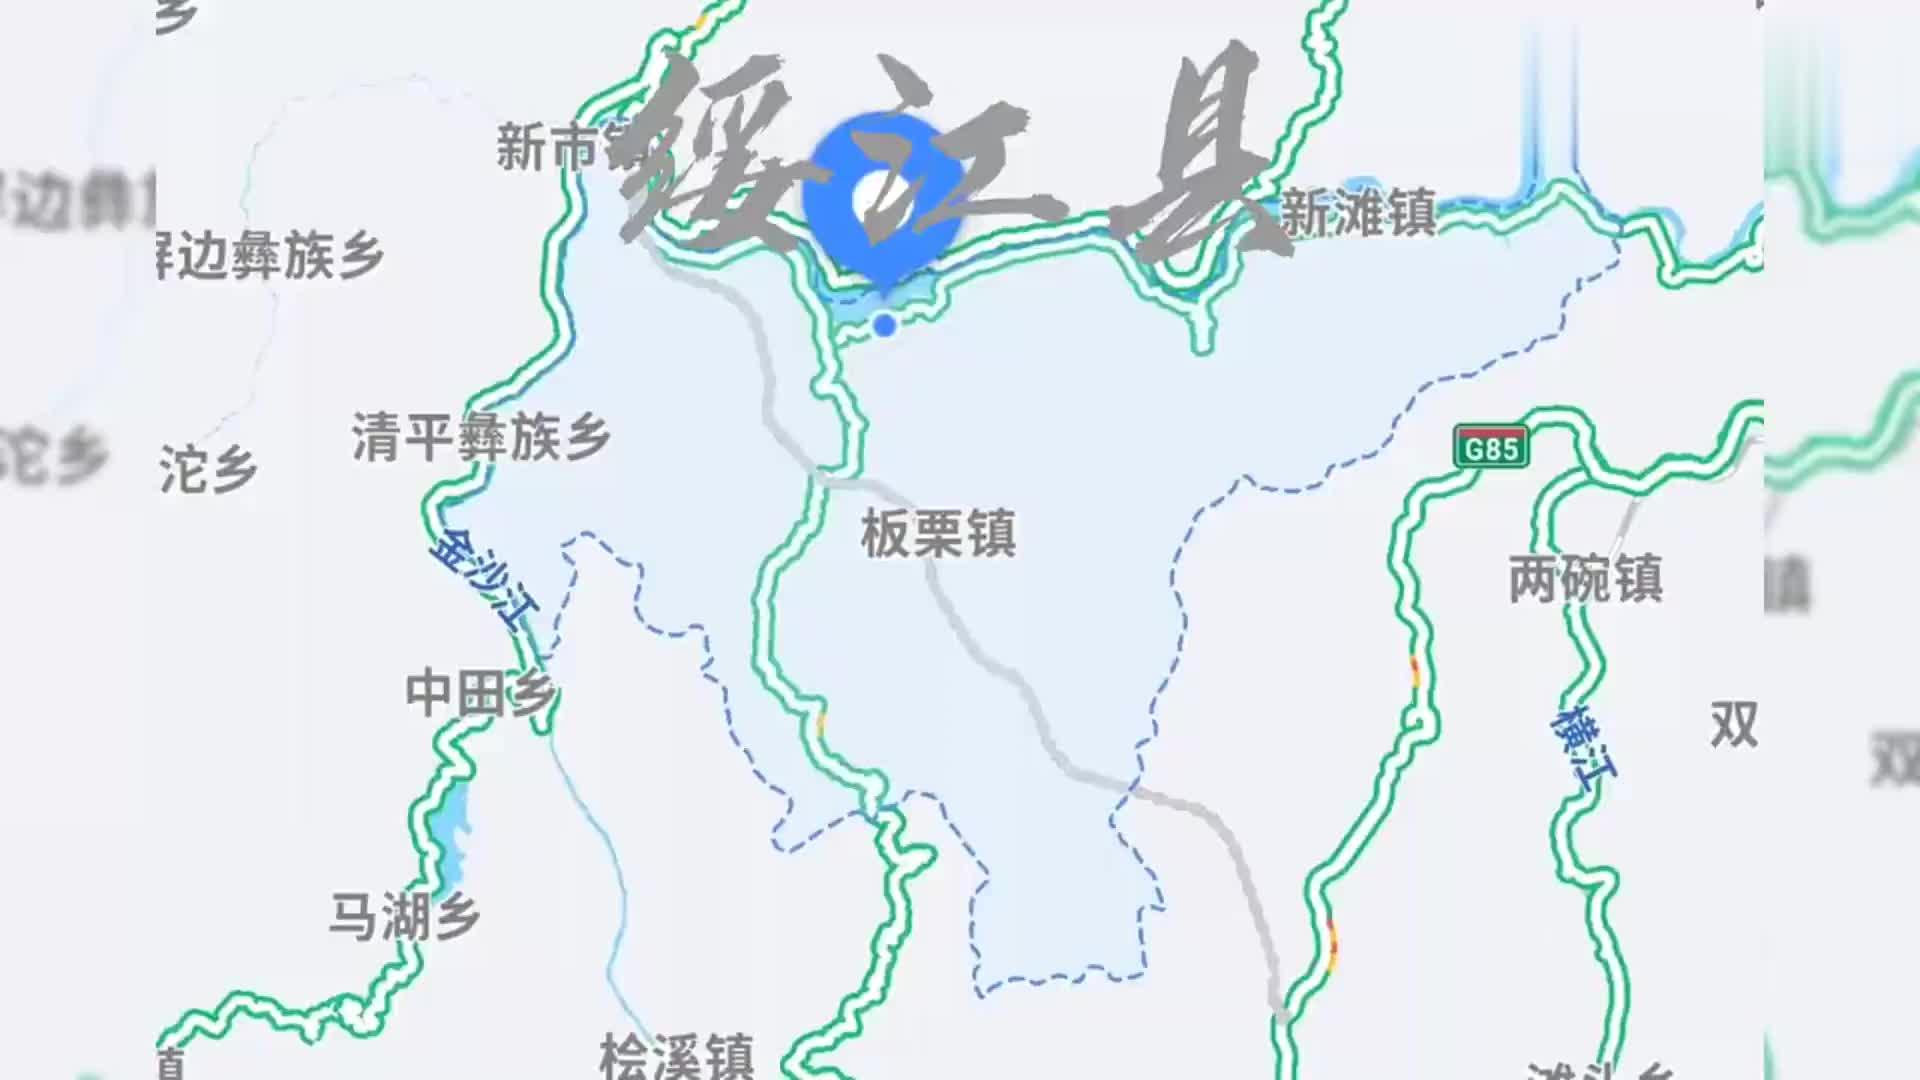 第十八辑_全国各县风景-云南昭通绥江县